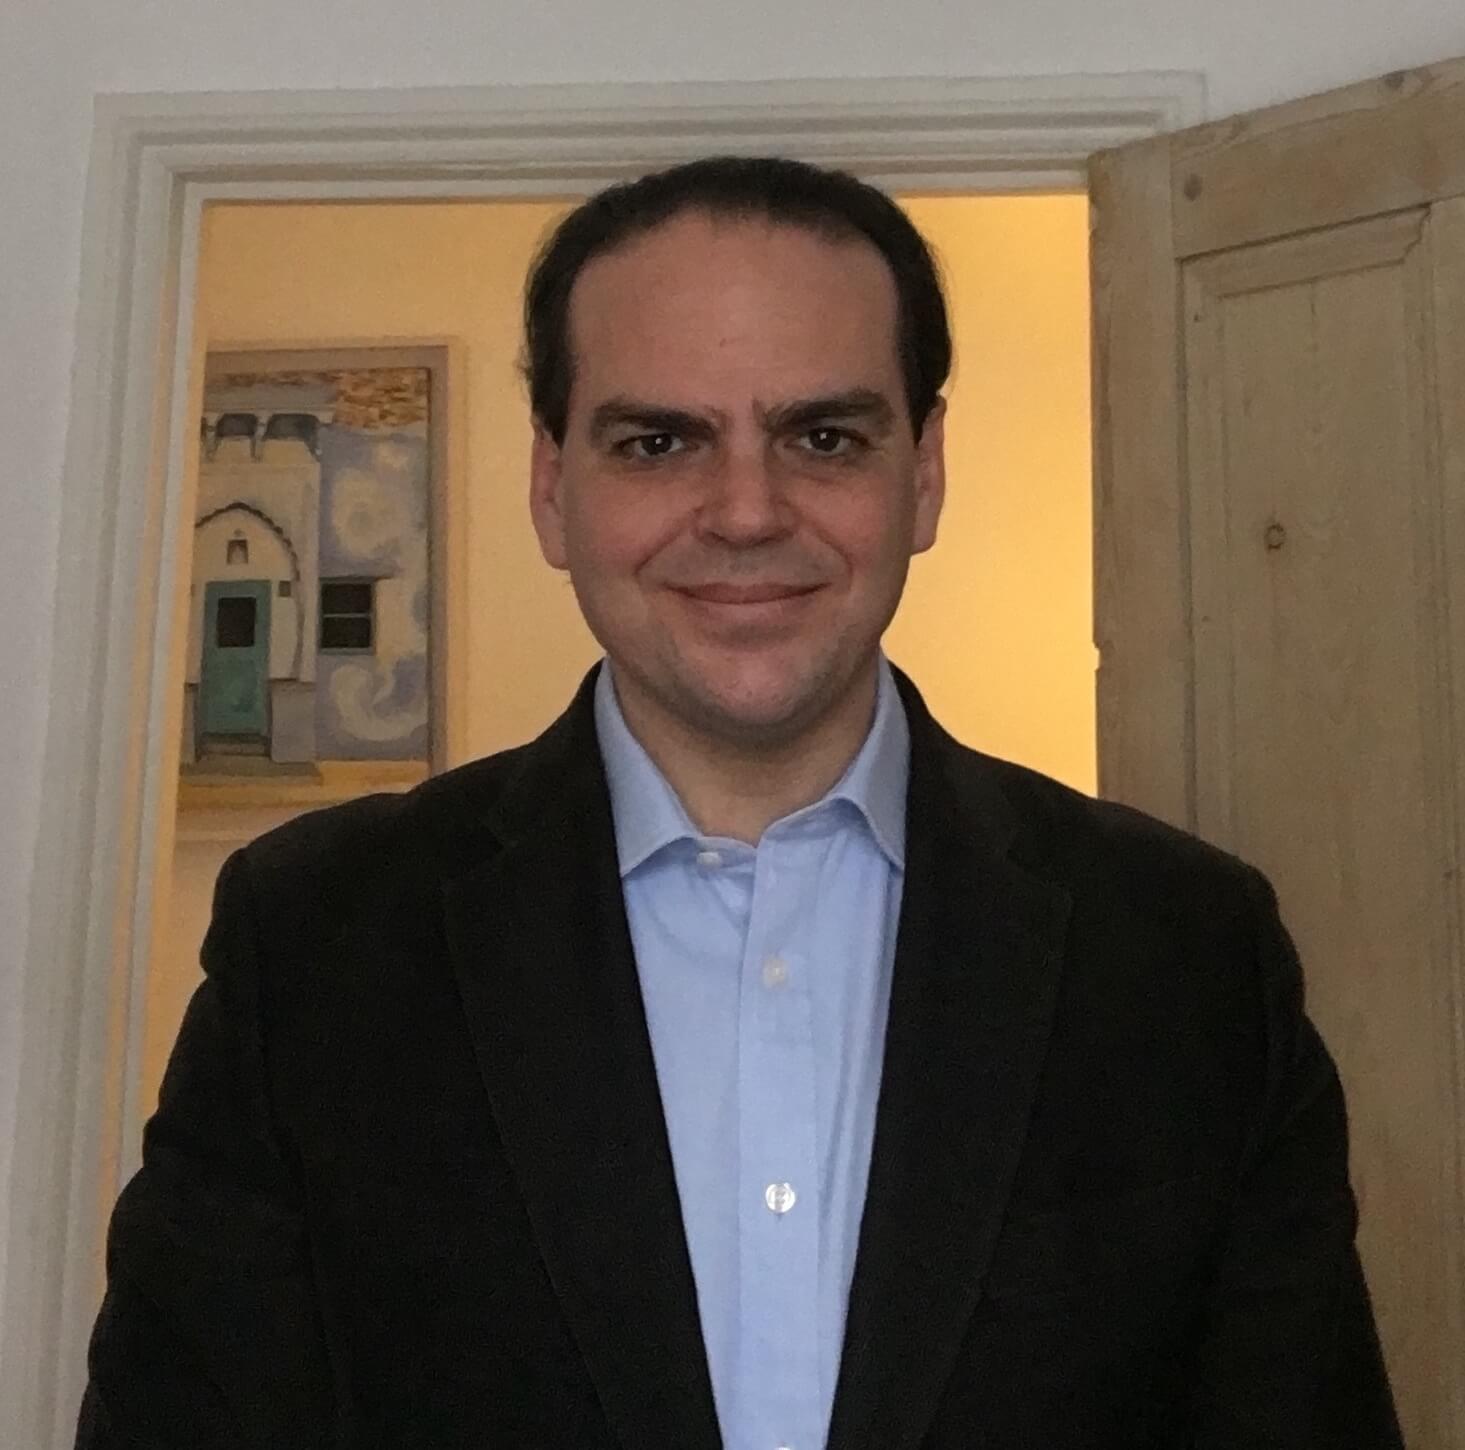 Jamie de Sousa